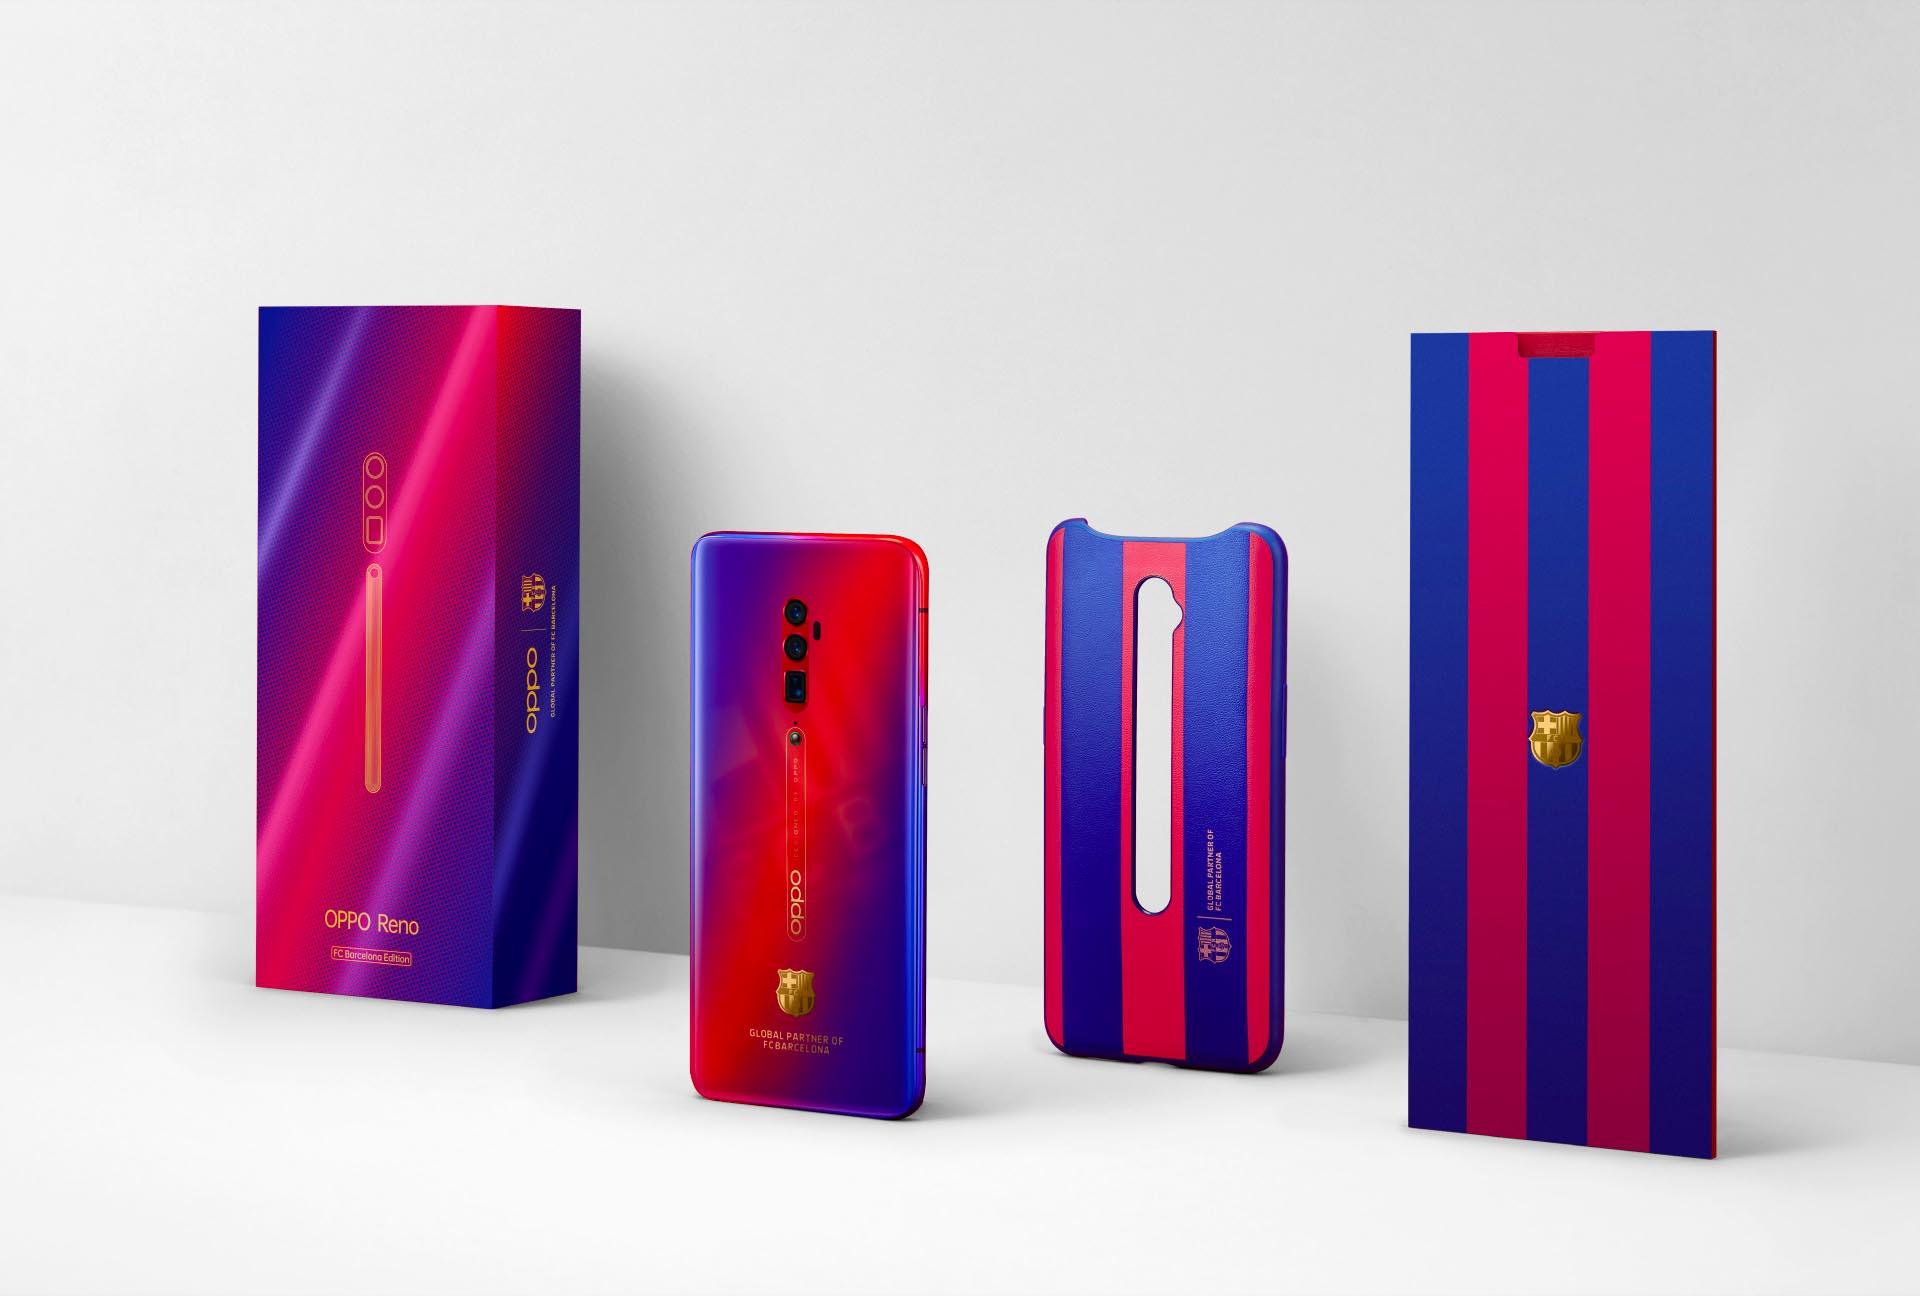 Oppo Reno 10x Zoom FC Barcelona Edition